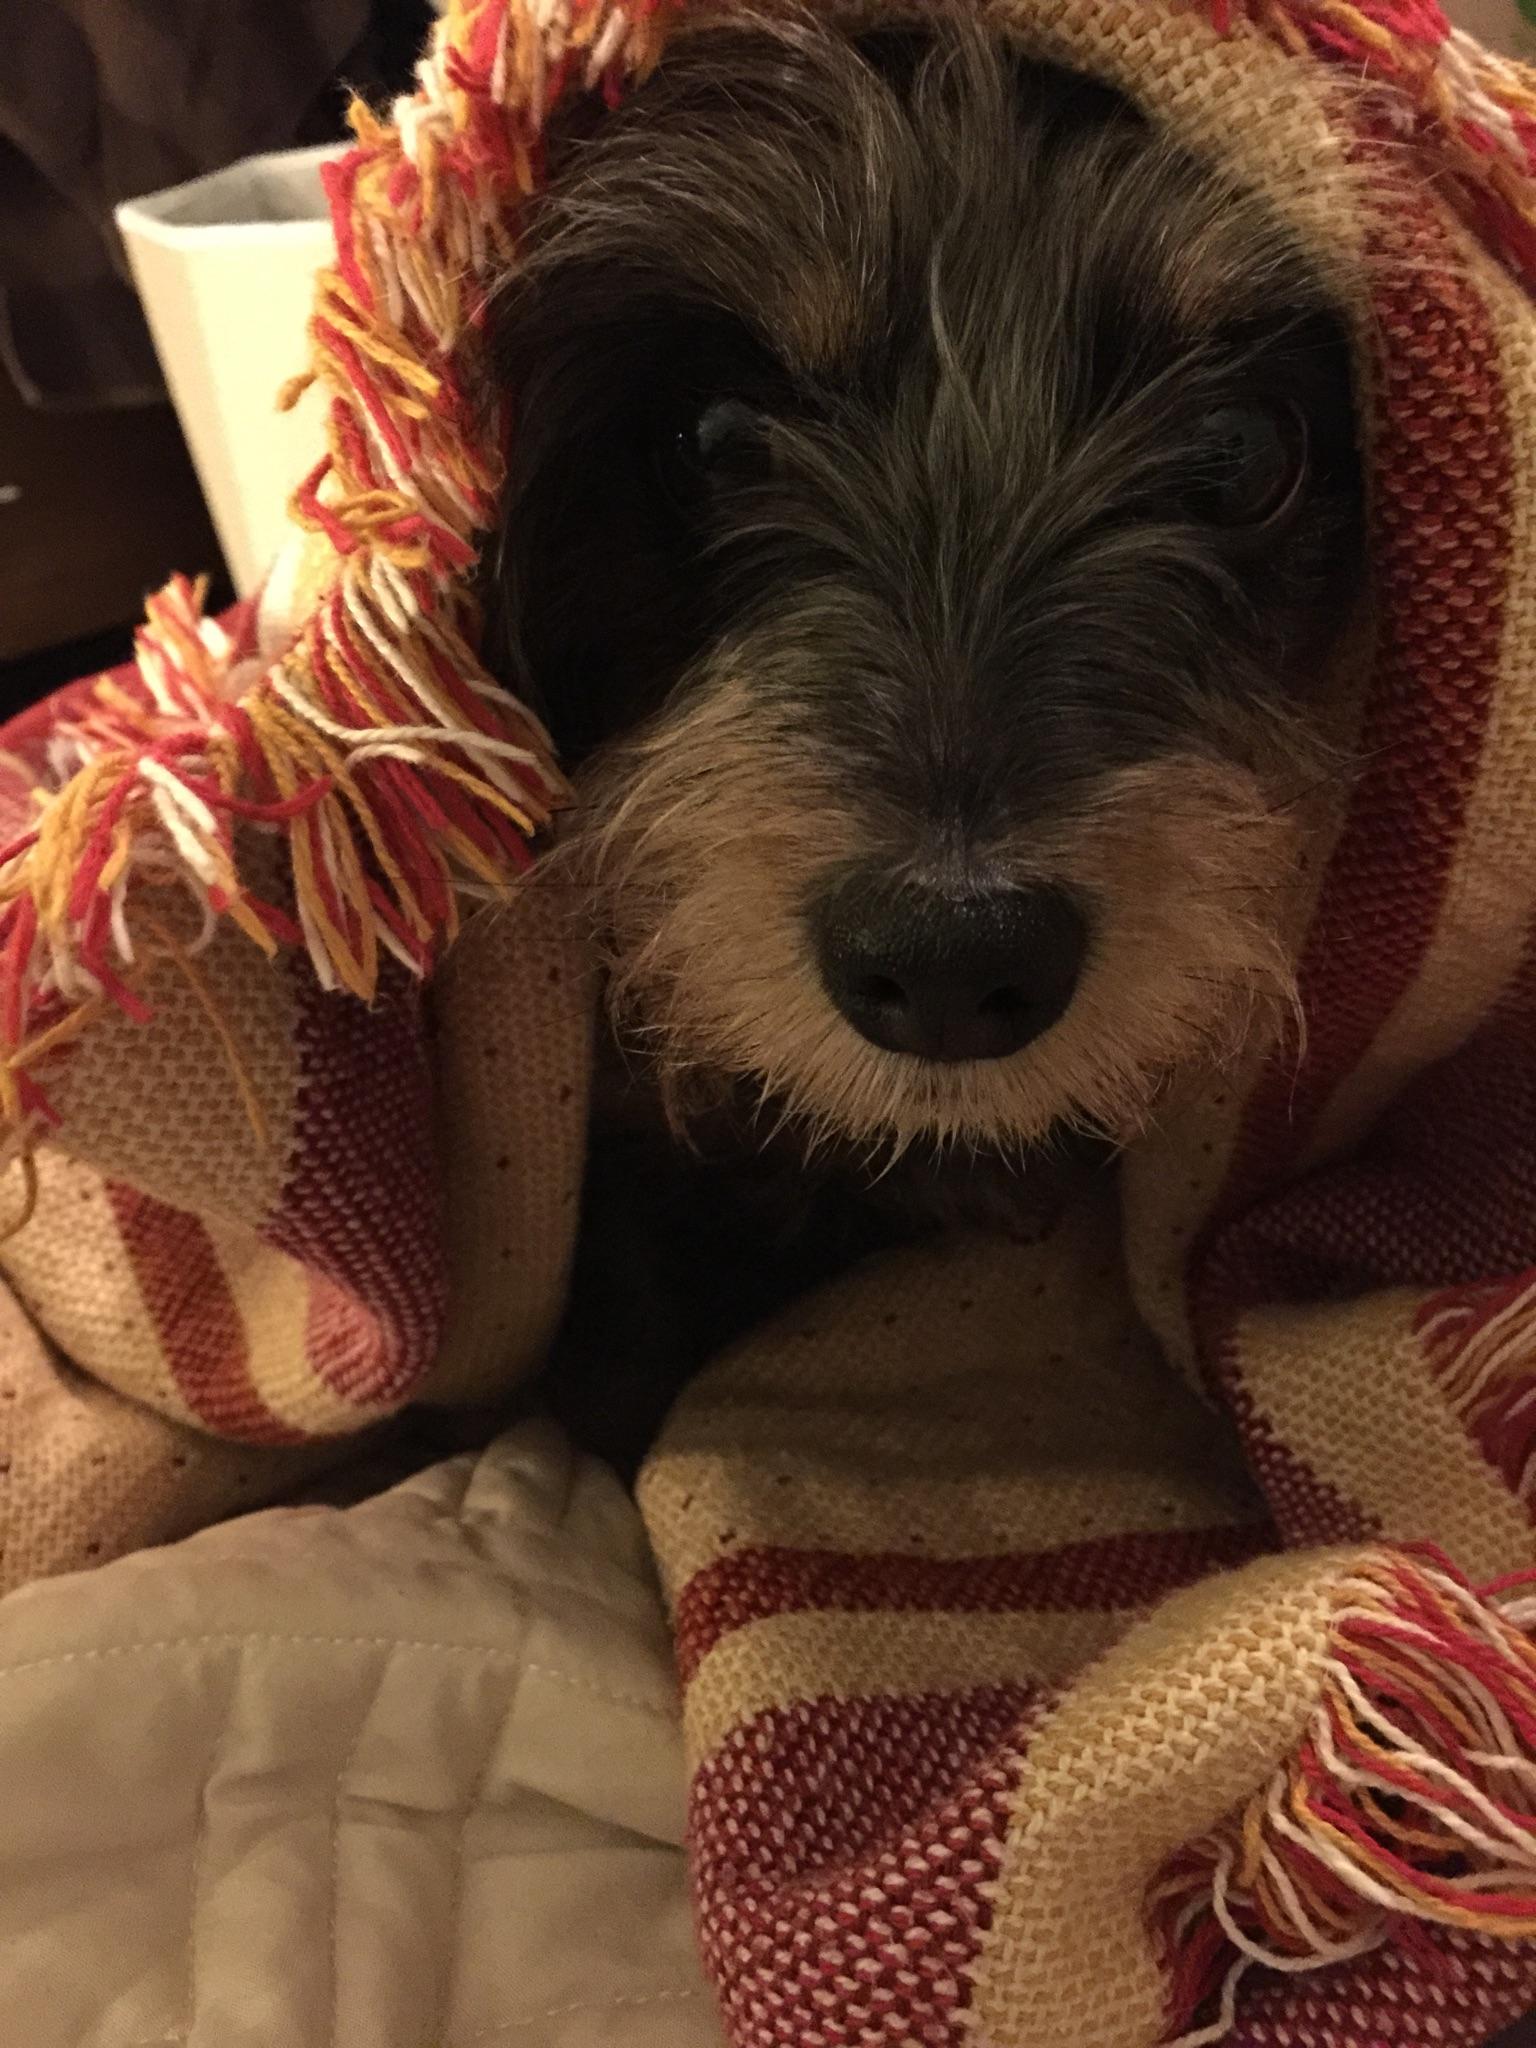 Duple in a blanket